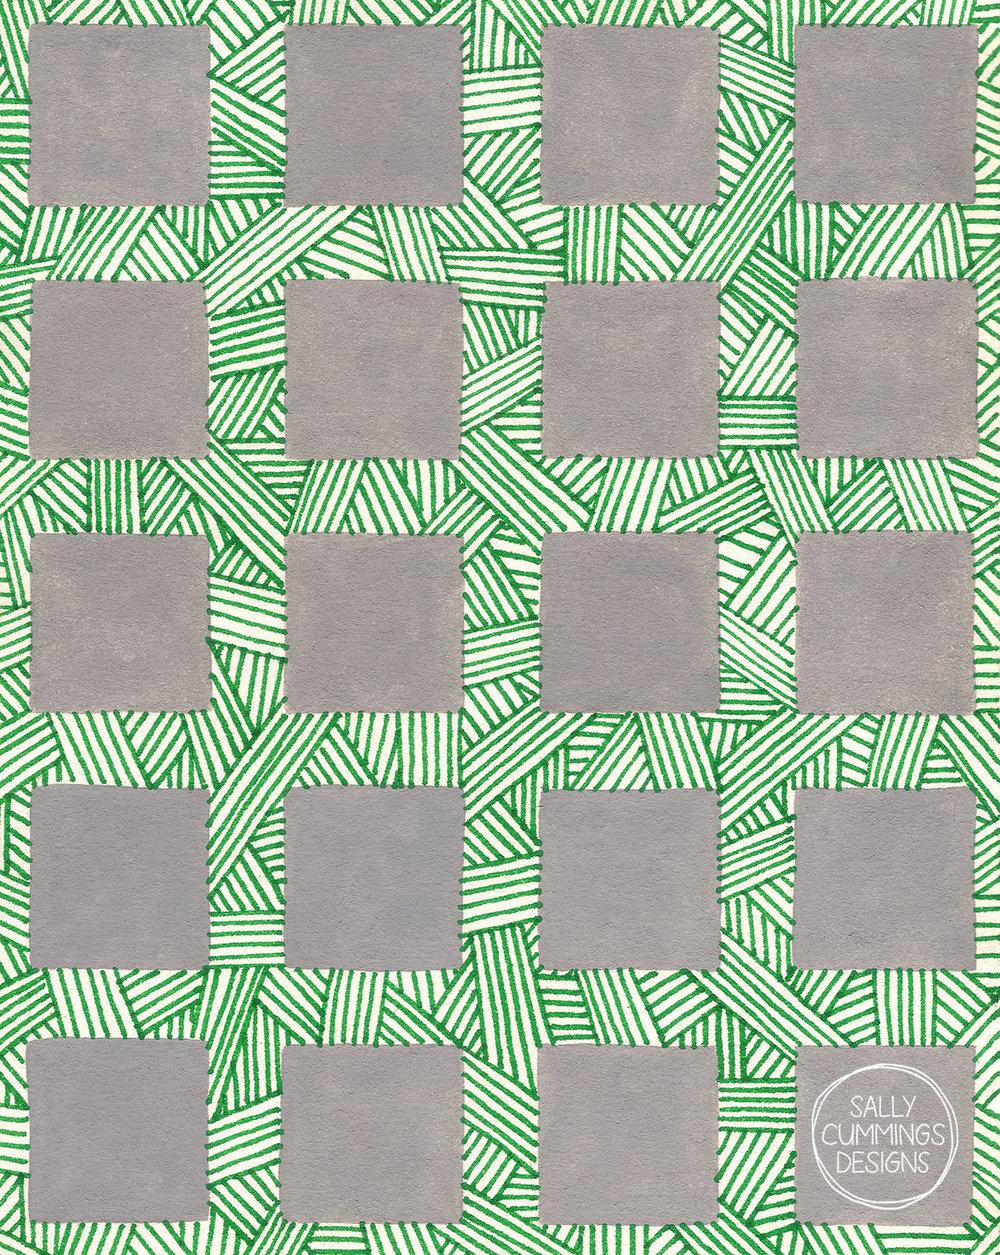 Sally Cummings Designs - Mondo Grass and Pavers